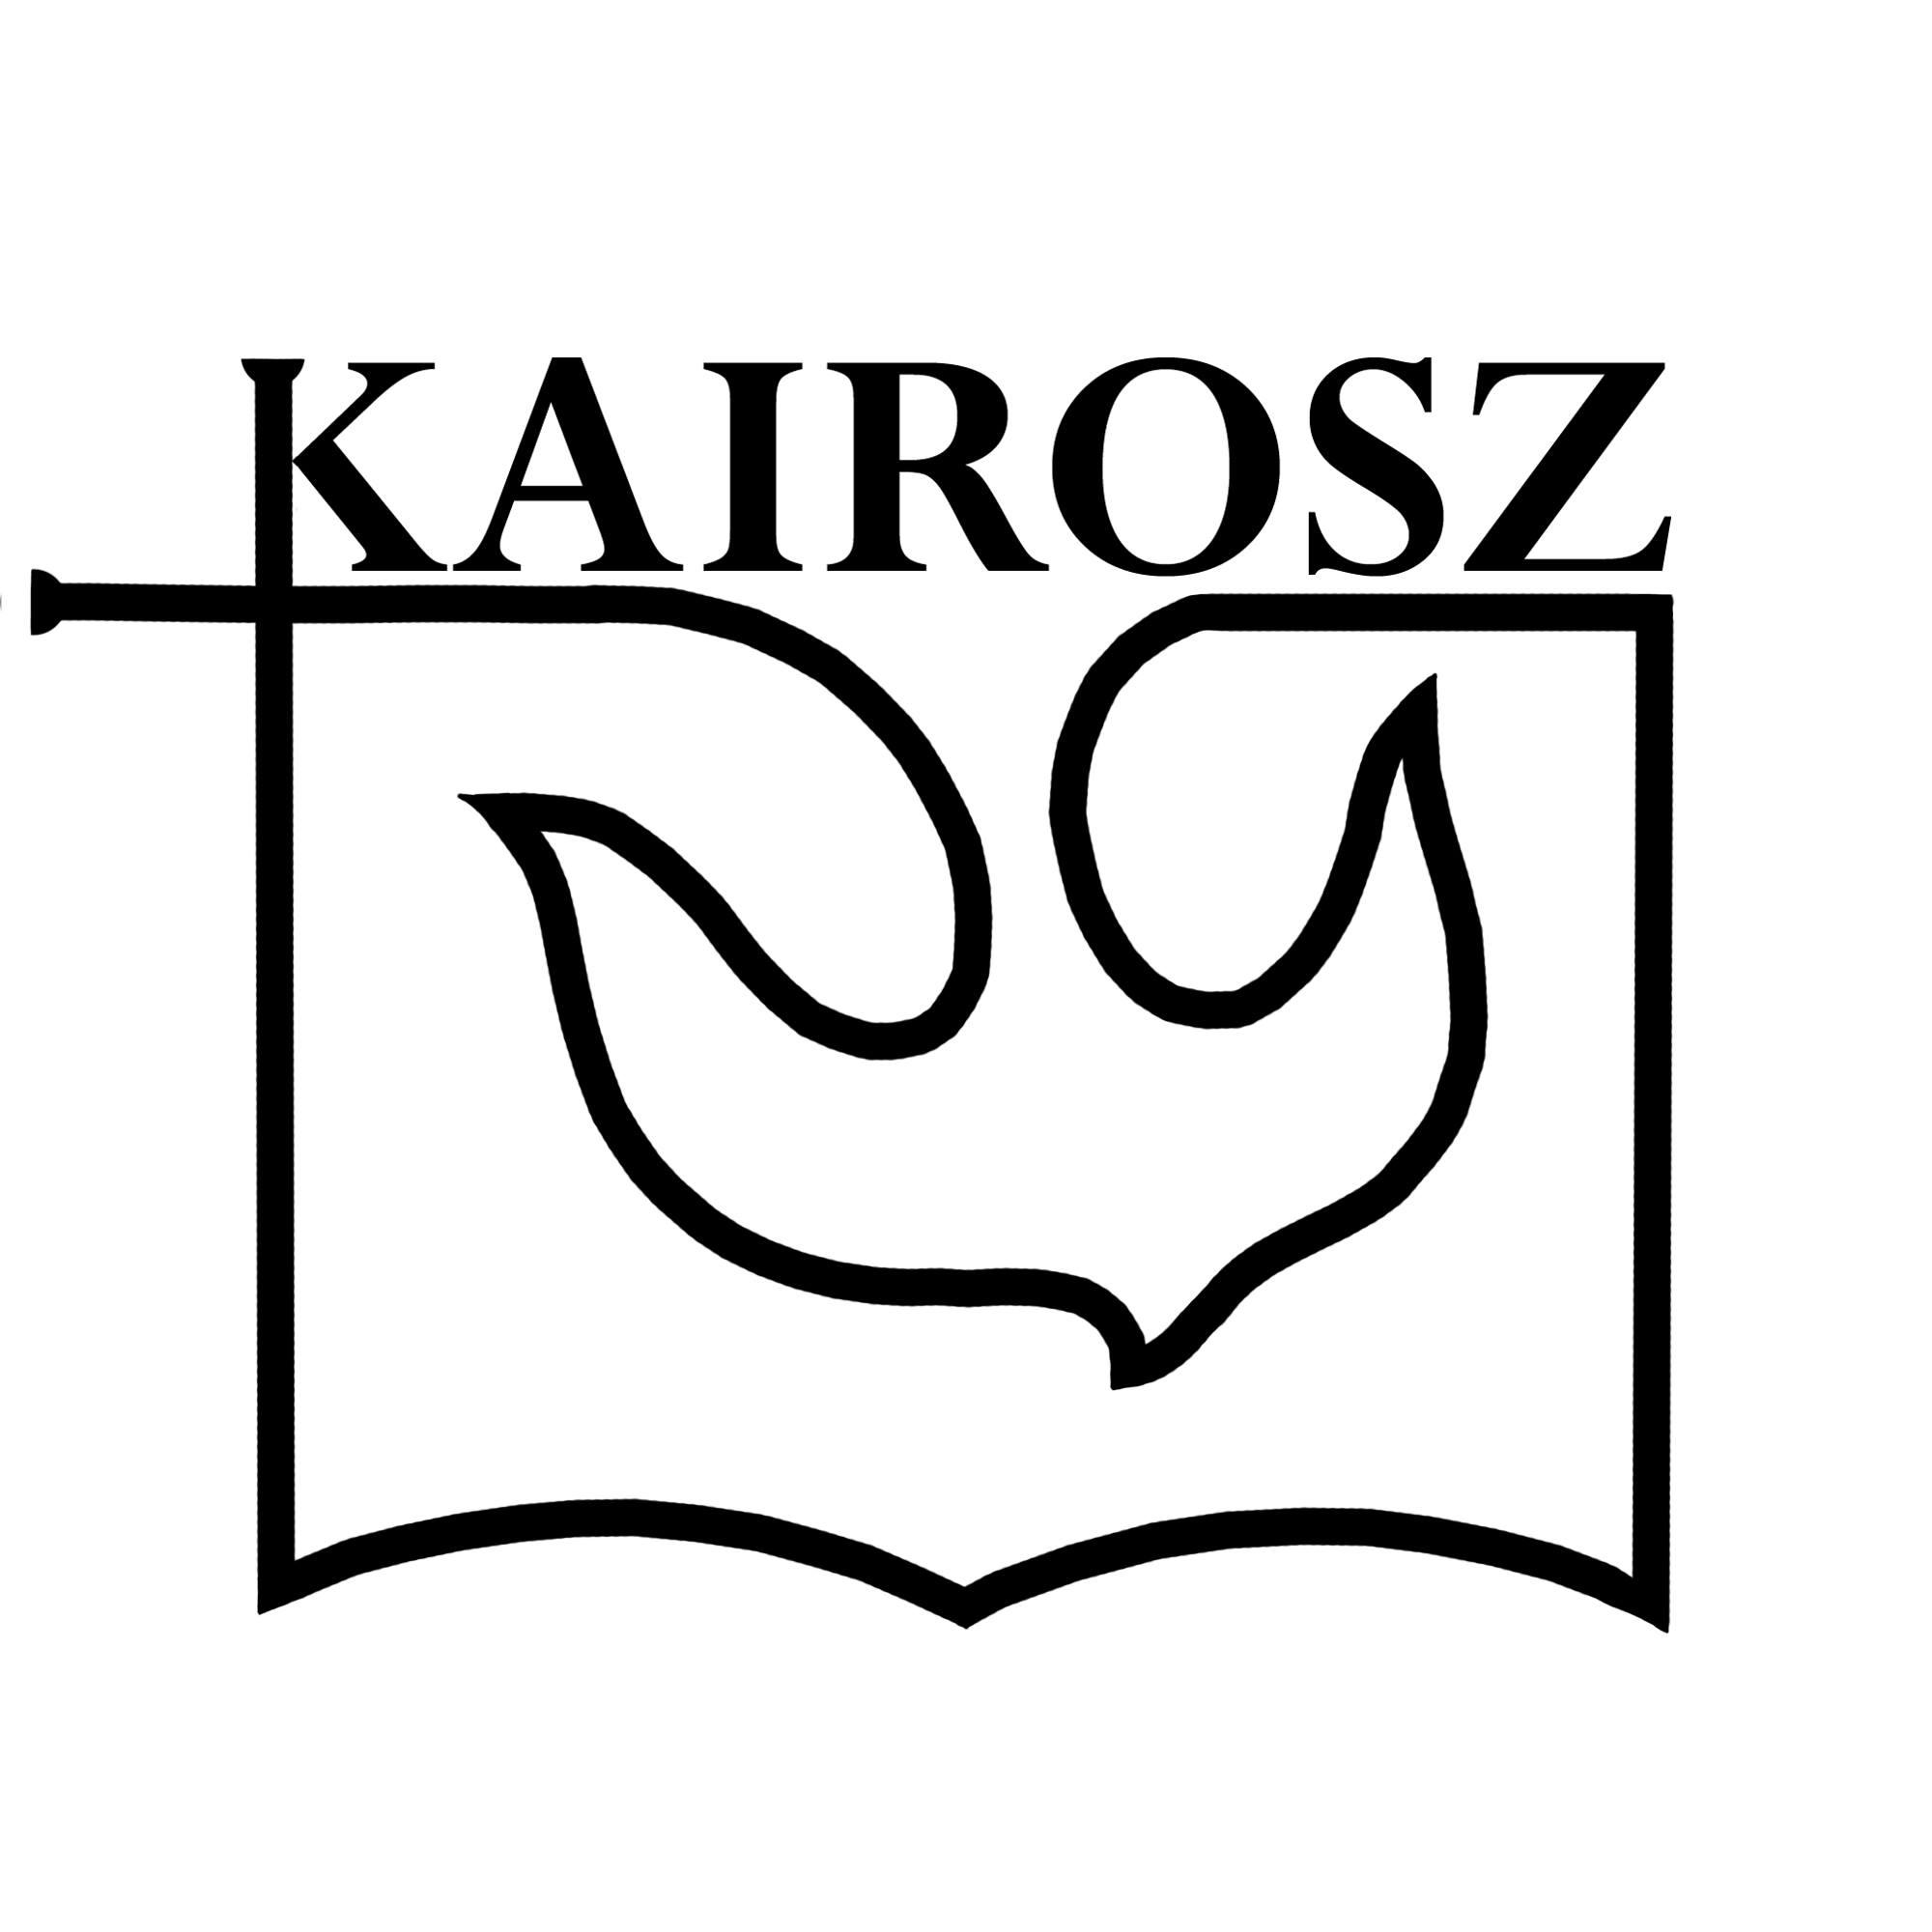 Kairosz Kiadó